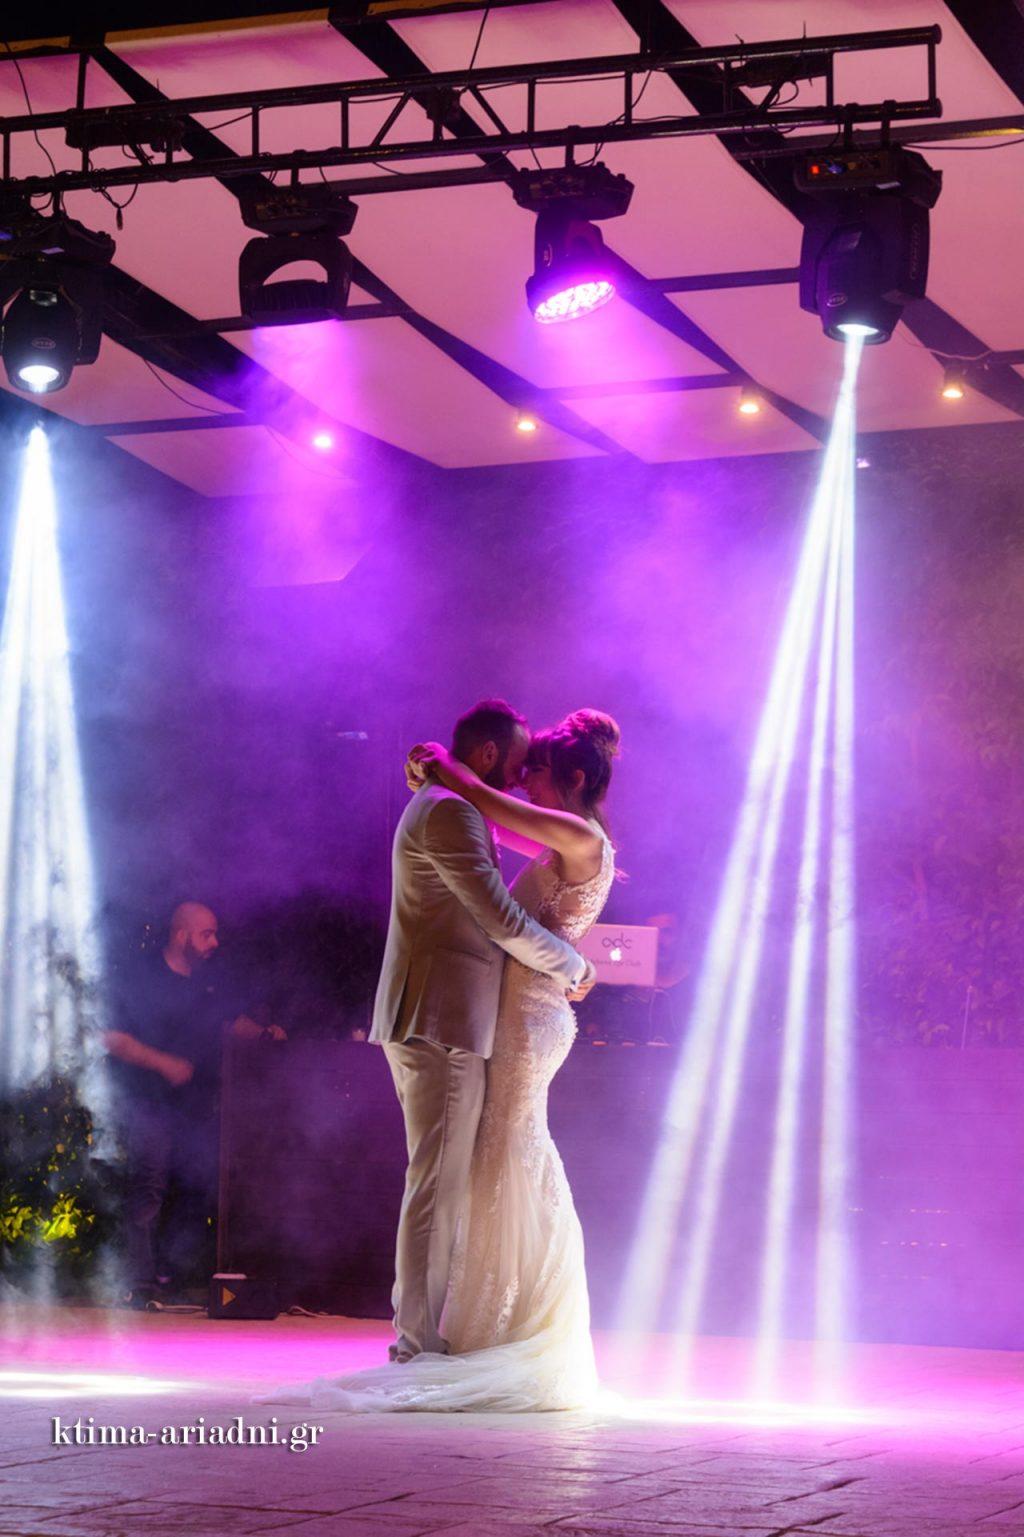 Στιγμιότυπο από τον πρώτο χορό του ζευγαριού